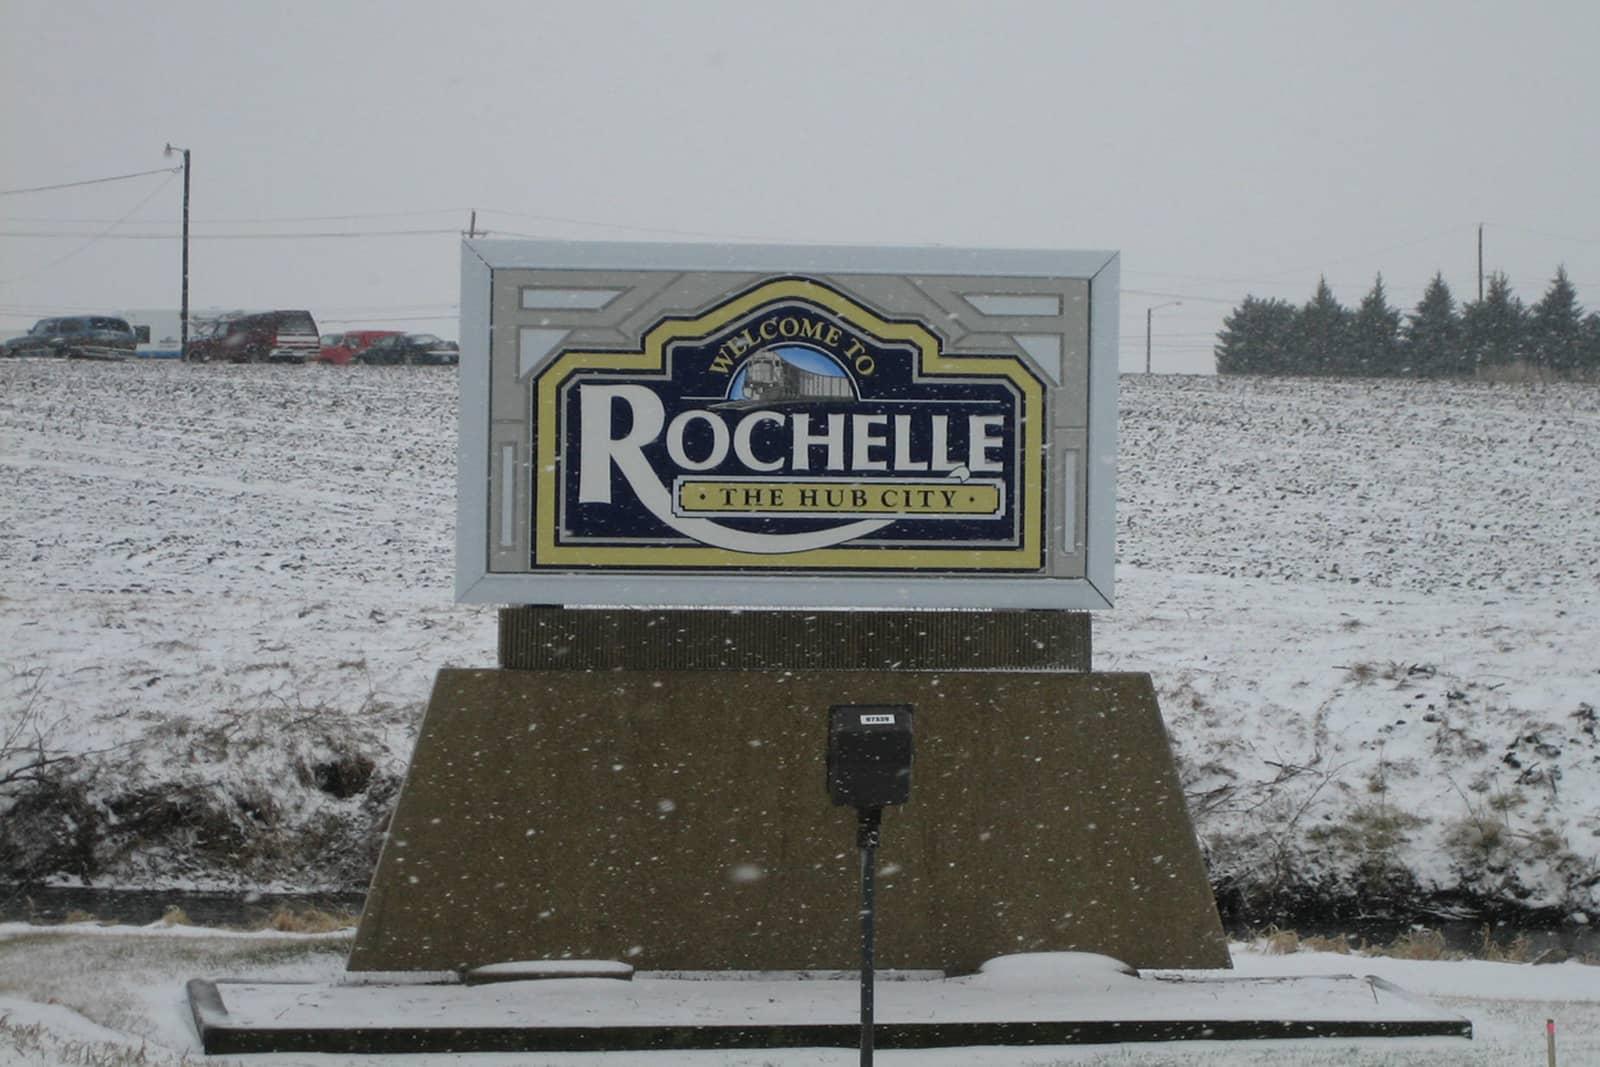 Rochelle, Illinois